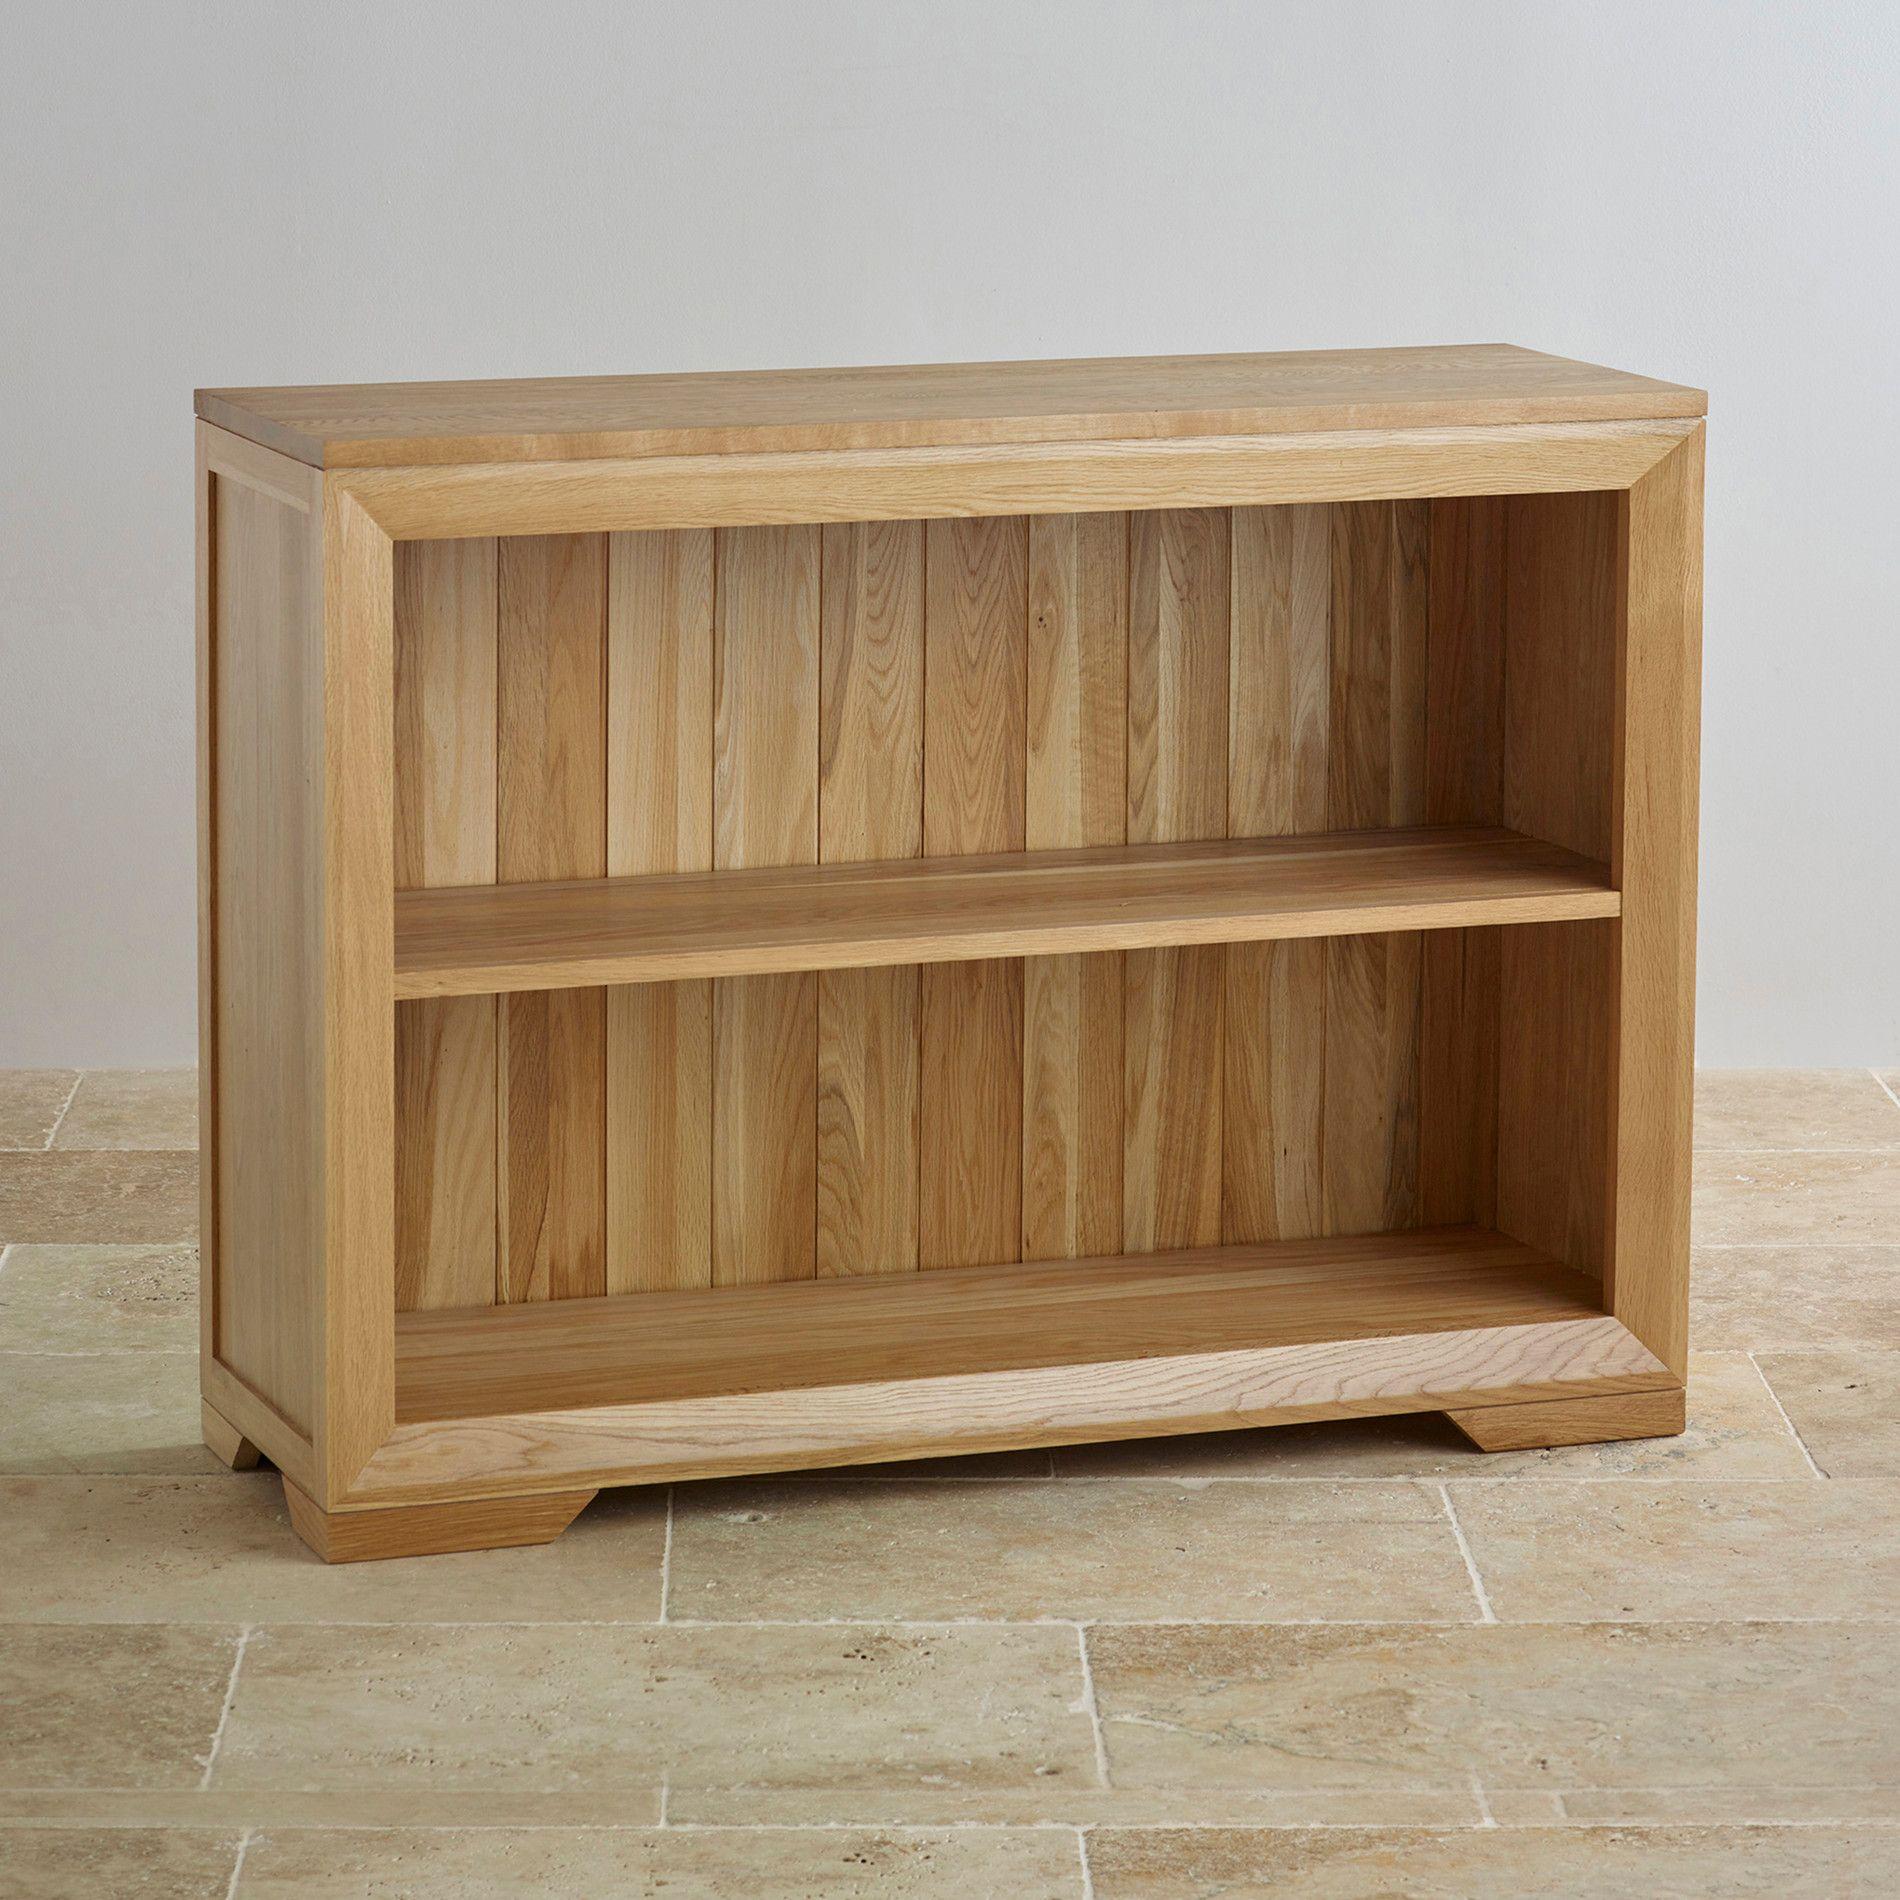 Bevel Natural Solid Oak Small Bookcase Hardware Design Meubels